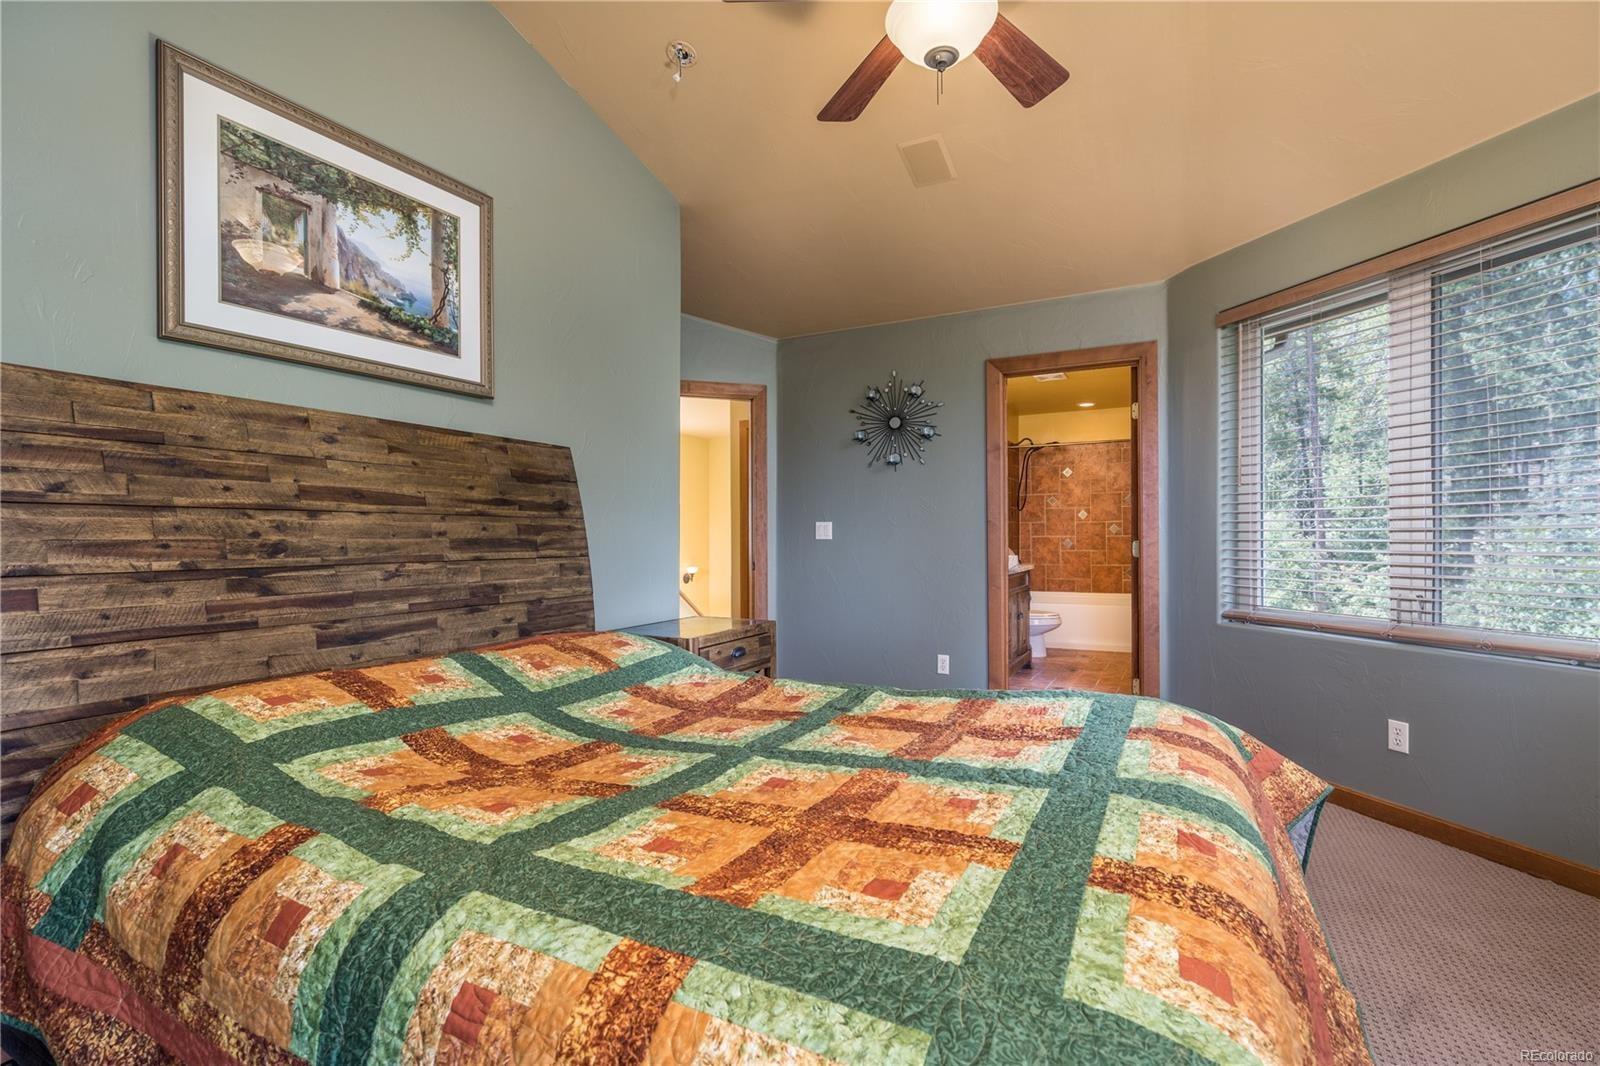 MLS# 2657267 - 16 - 11933 Coal Creek Heights Drive, Golden, CO 80403